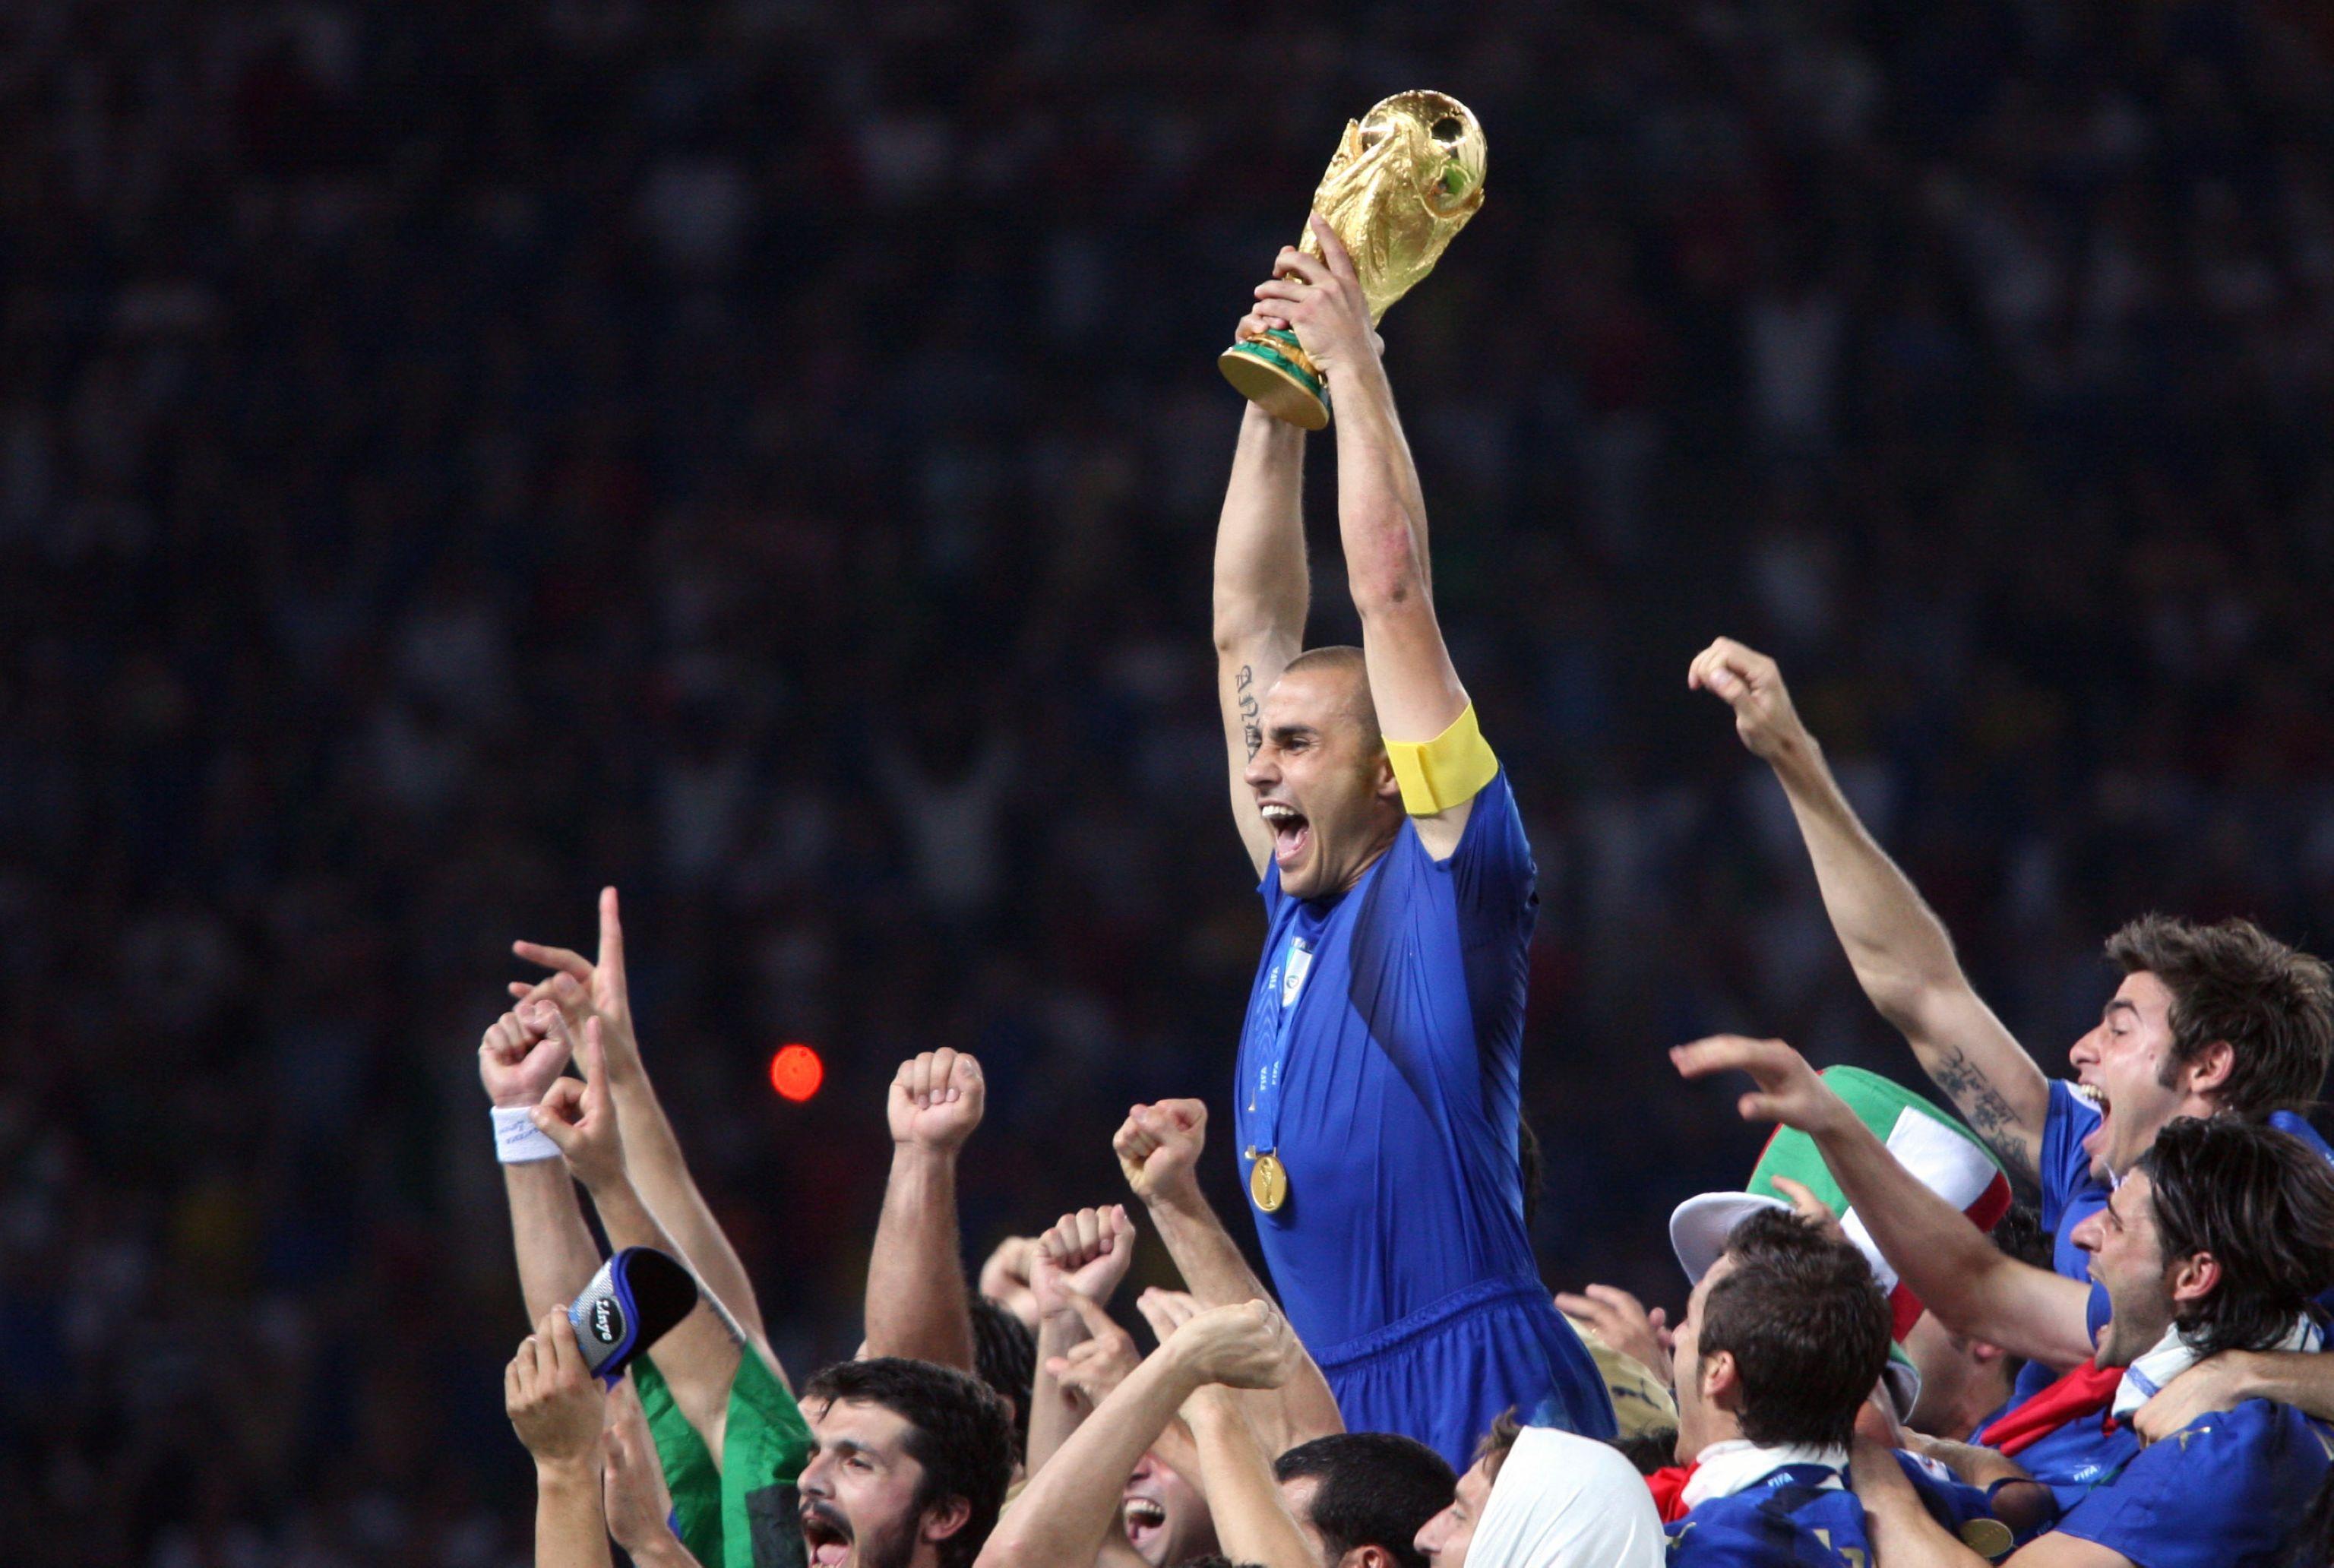 足球球员_世界杯百大传奇NO.51:金球铁卫卡纳瓦罗_巴西世界杯